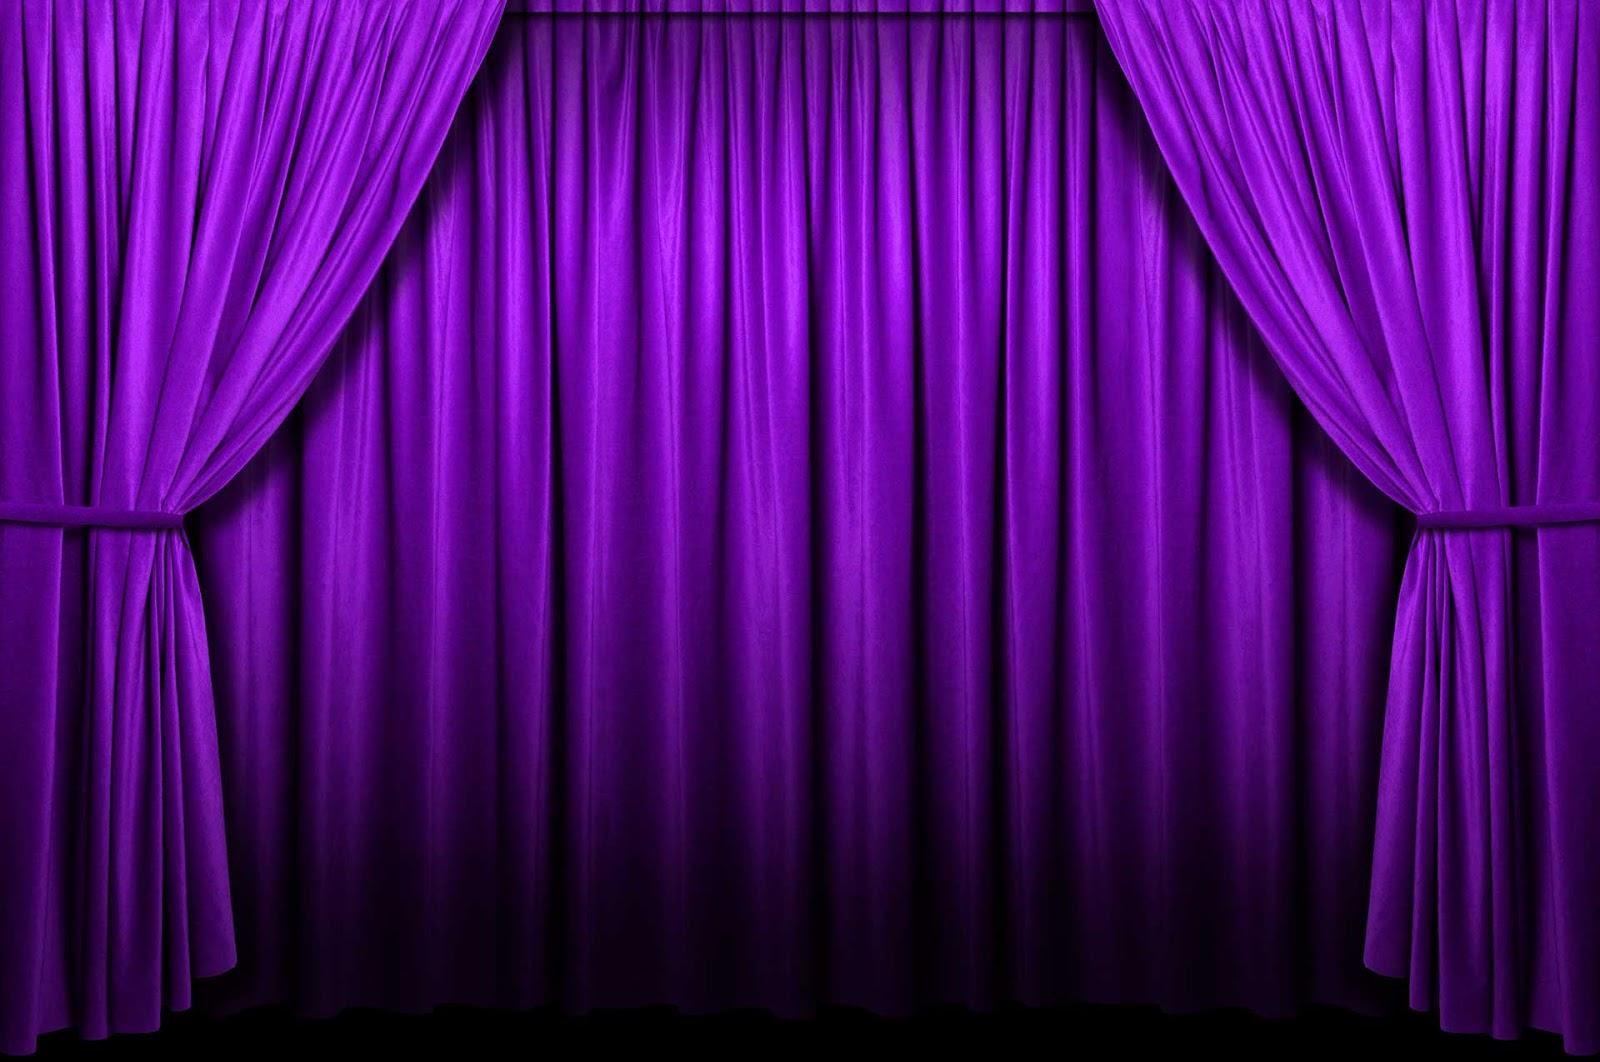 Curtain Van Vans Varieties Veil Vertical Blinds